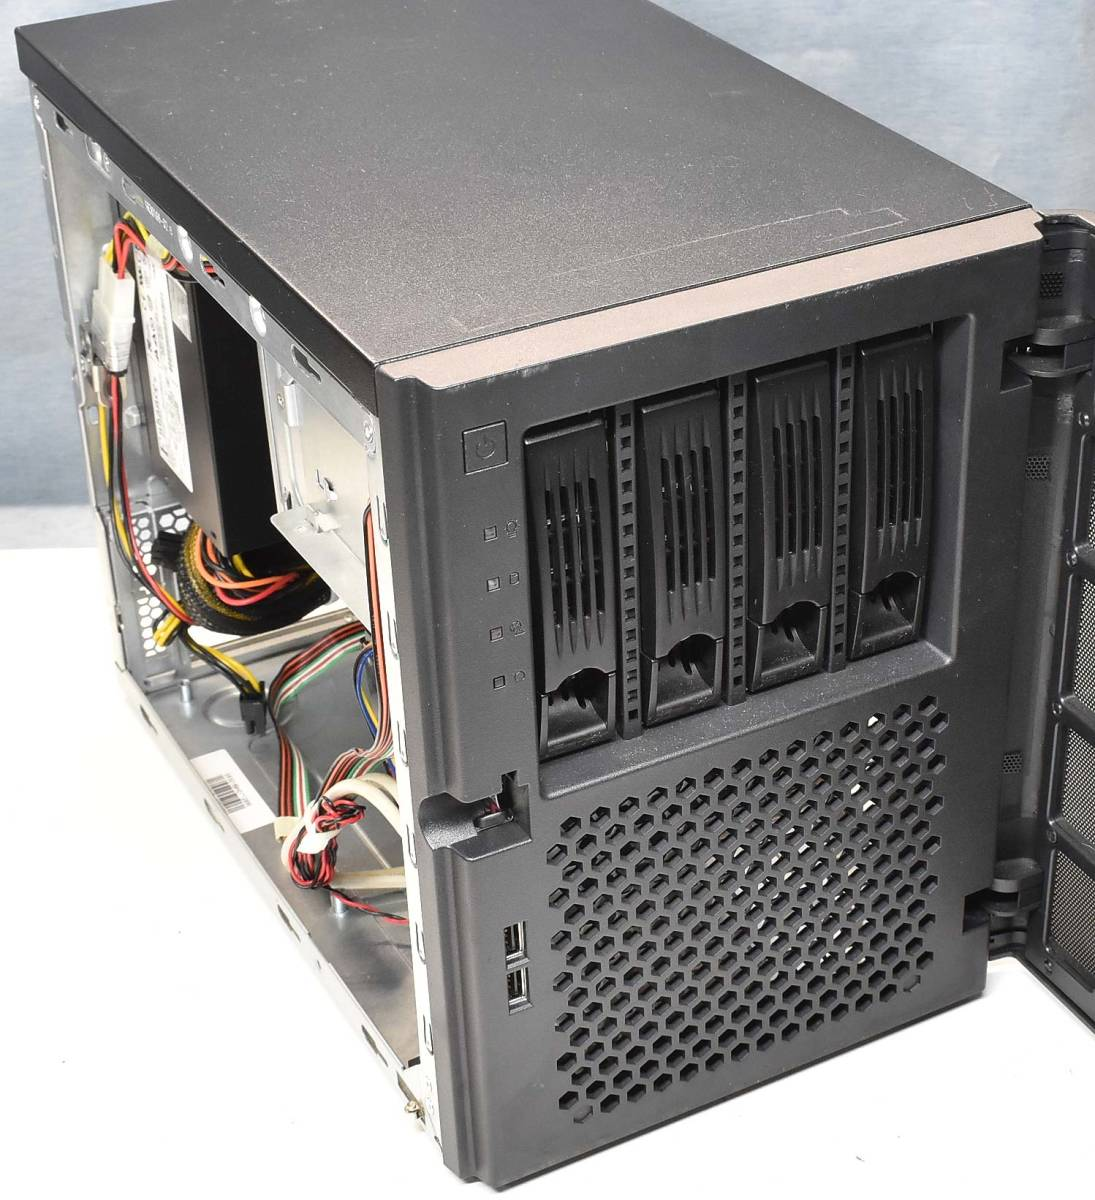 Mini-ITX CHENBRO SR301 OEM品 ホットスワップ対応ベイ x4(HDD4台搭載可能) Mini-ITX ケース (管:ITX1_画像5